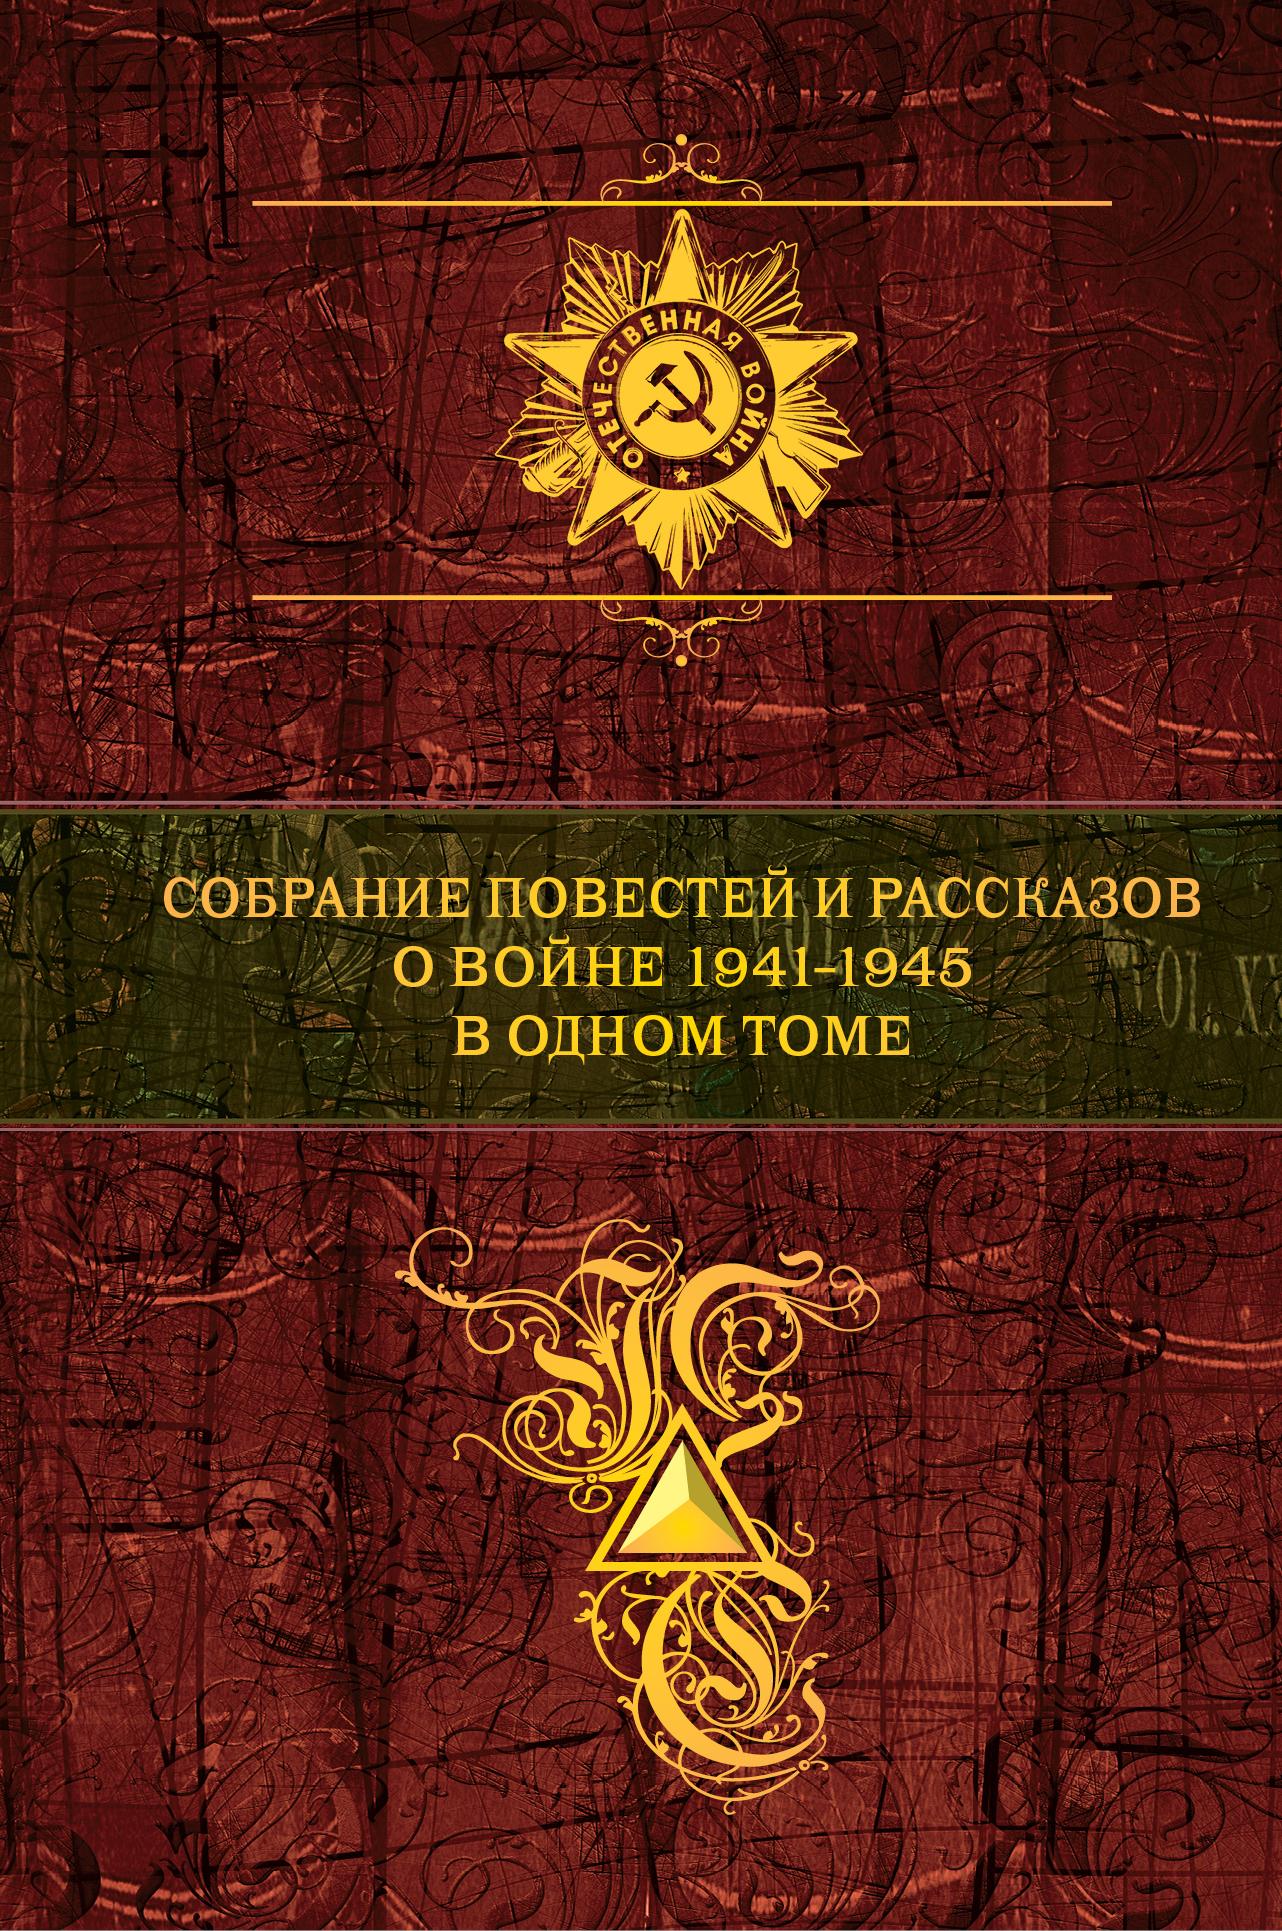 Собрание повестей и рассказов о войне 1941 - 1945 в одном томе